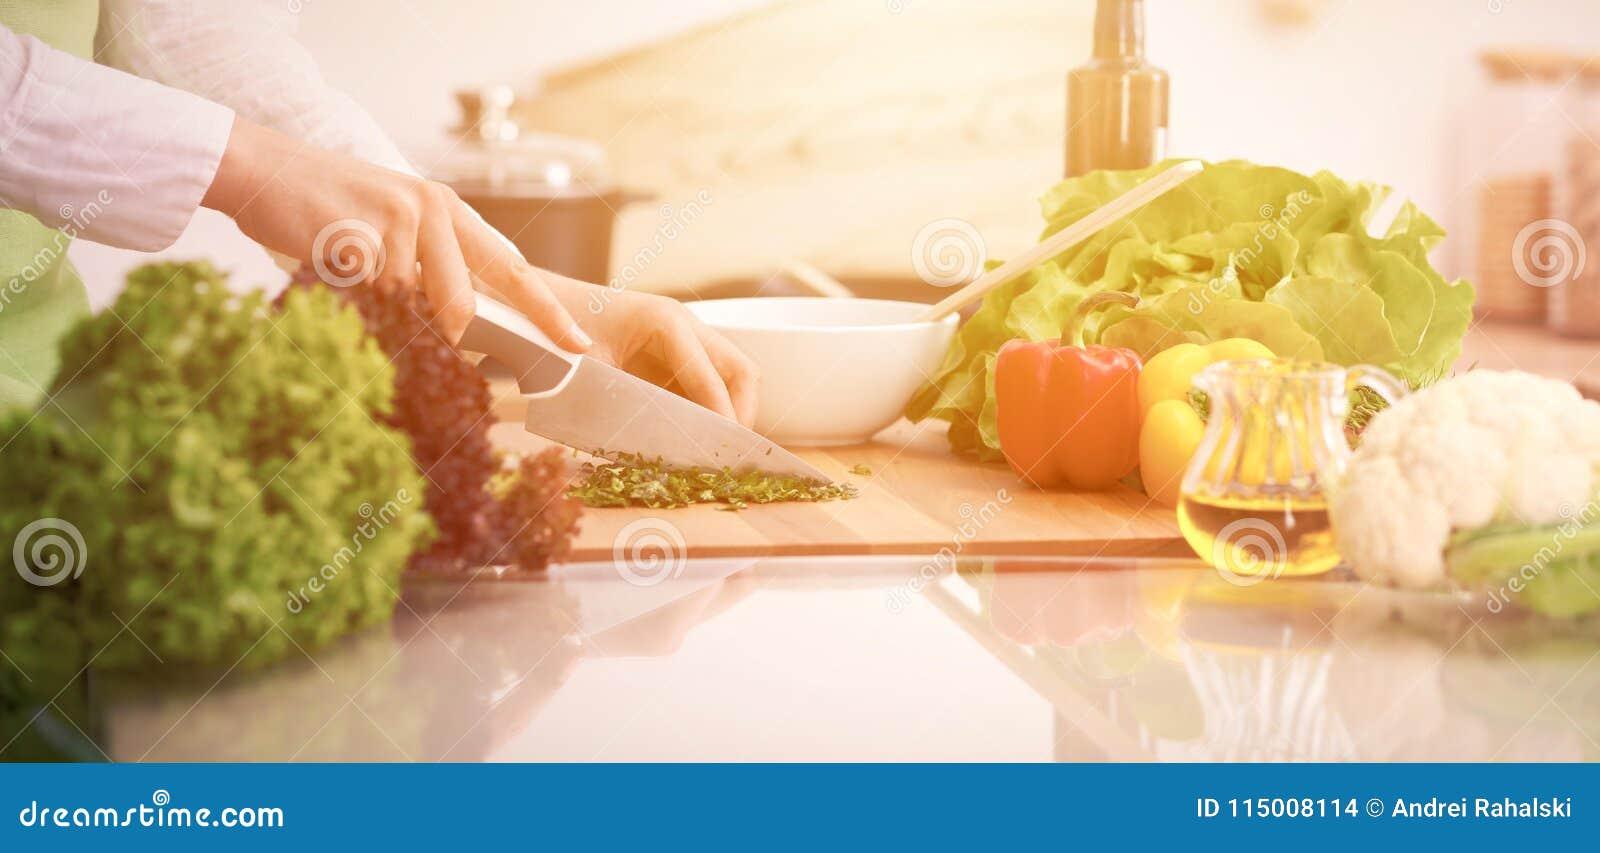 Fermez-vous des mains humaines faisant cuire la salade végétale dans la cuisine sur la table en verre avec la réflexion Repas sai